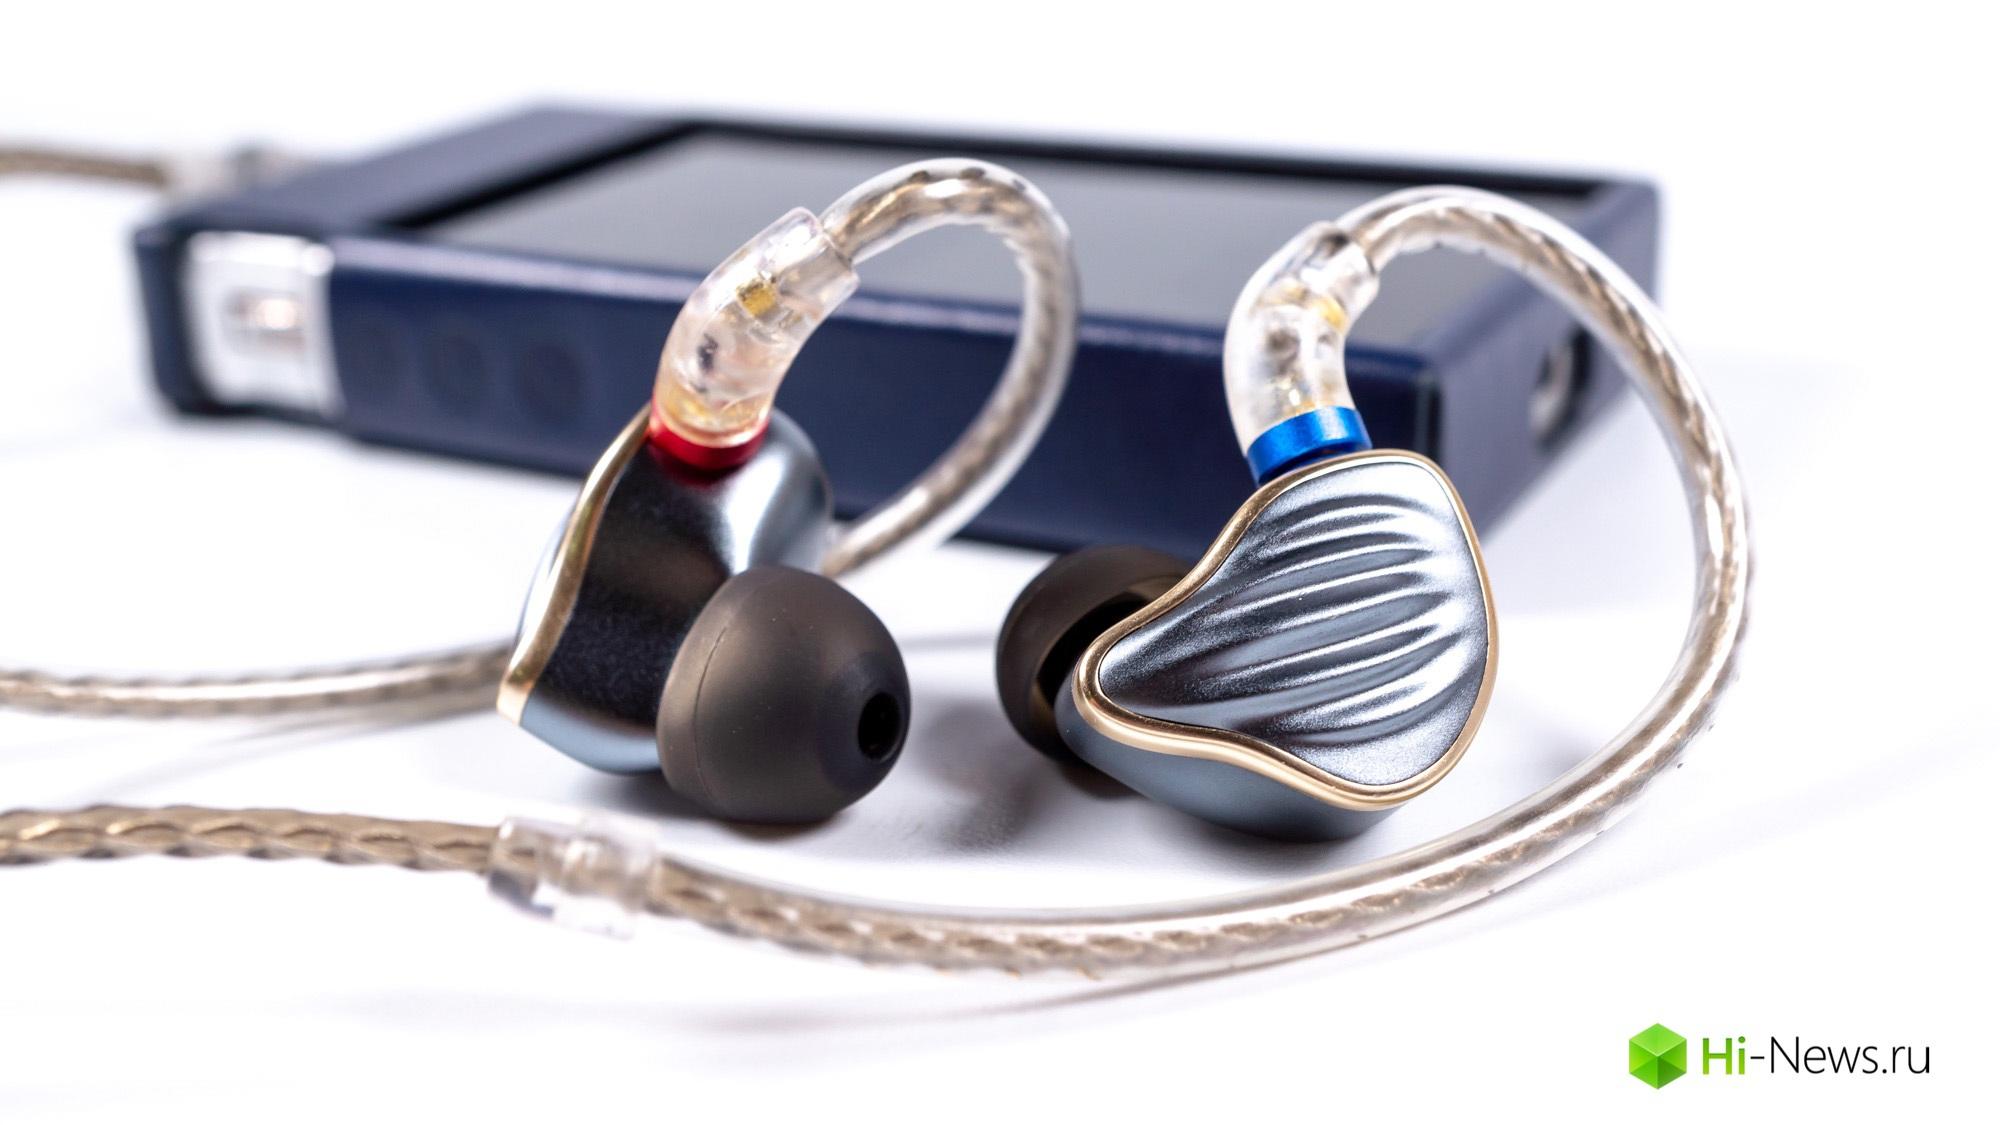 Обзор наушников FiiO FH5 — технологии, стиль и звук